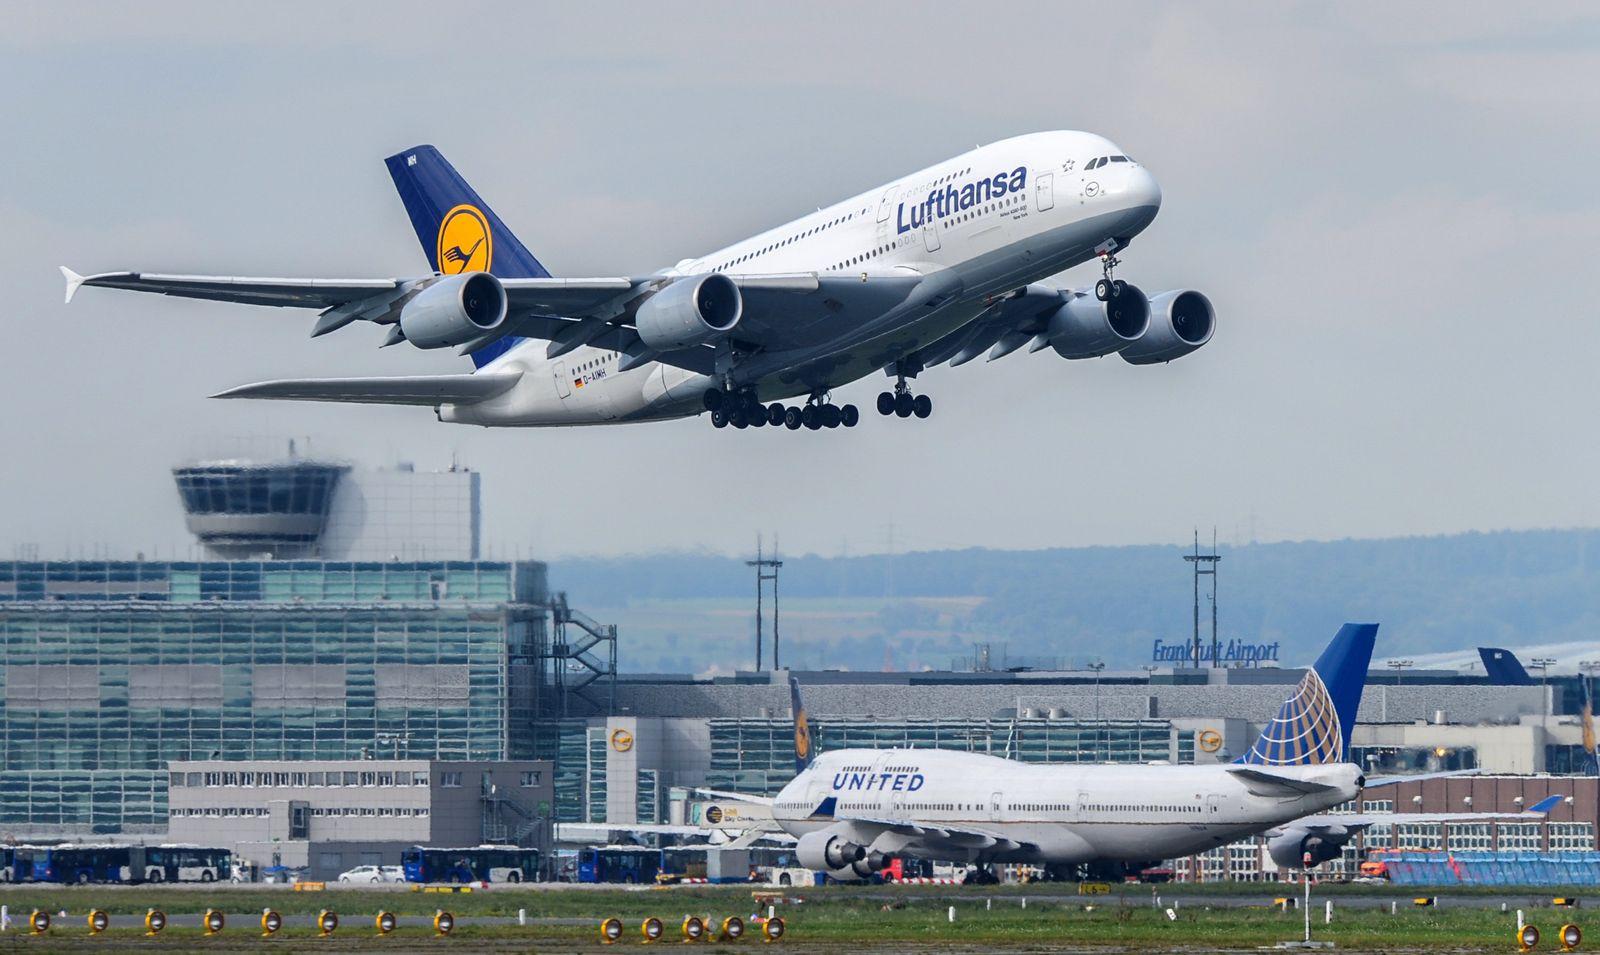 Flughafen Frankfurt / Airbus / Lufthansa